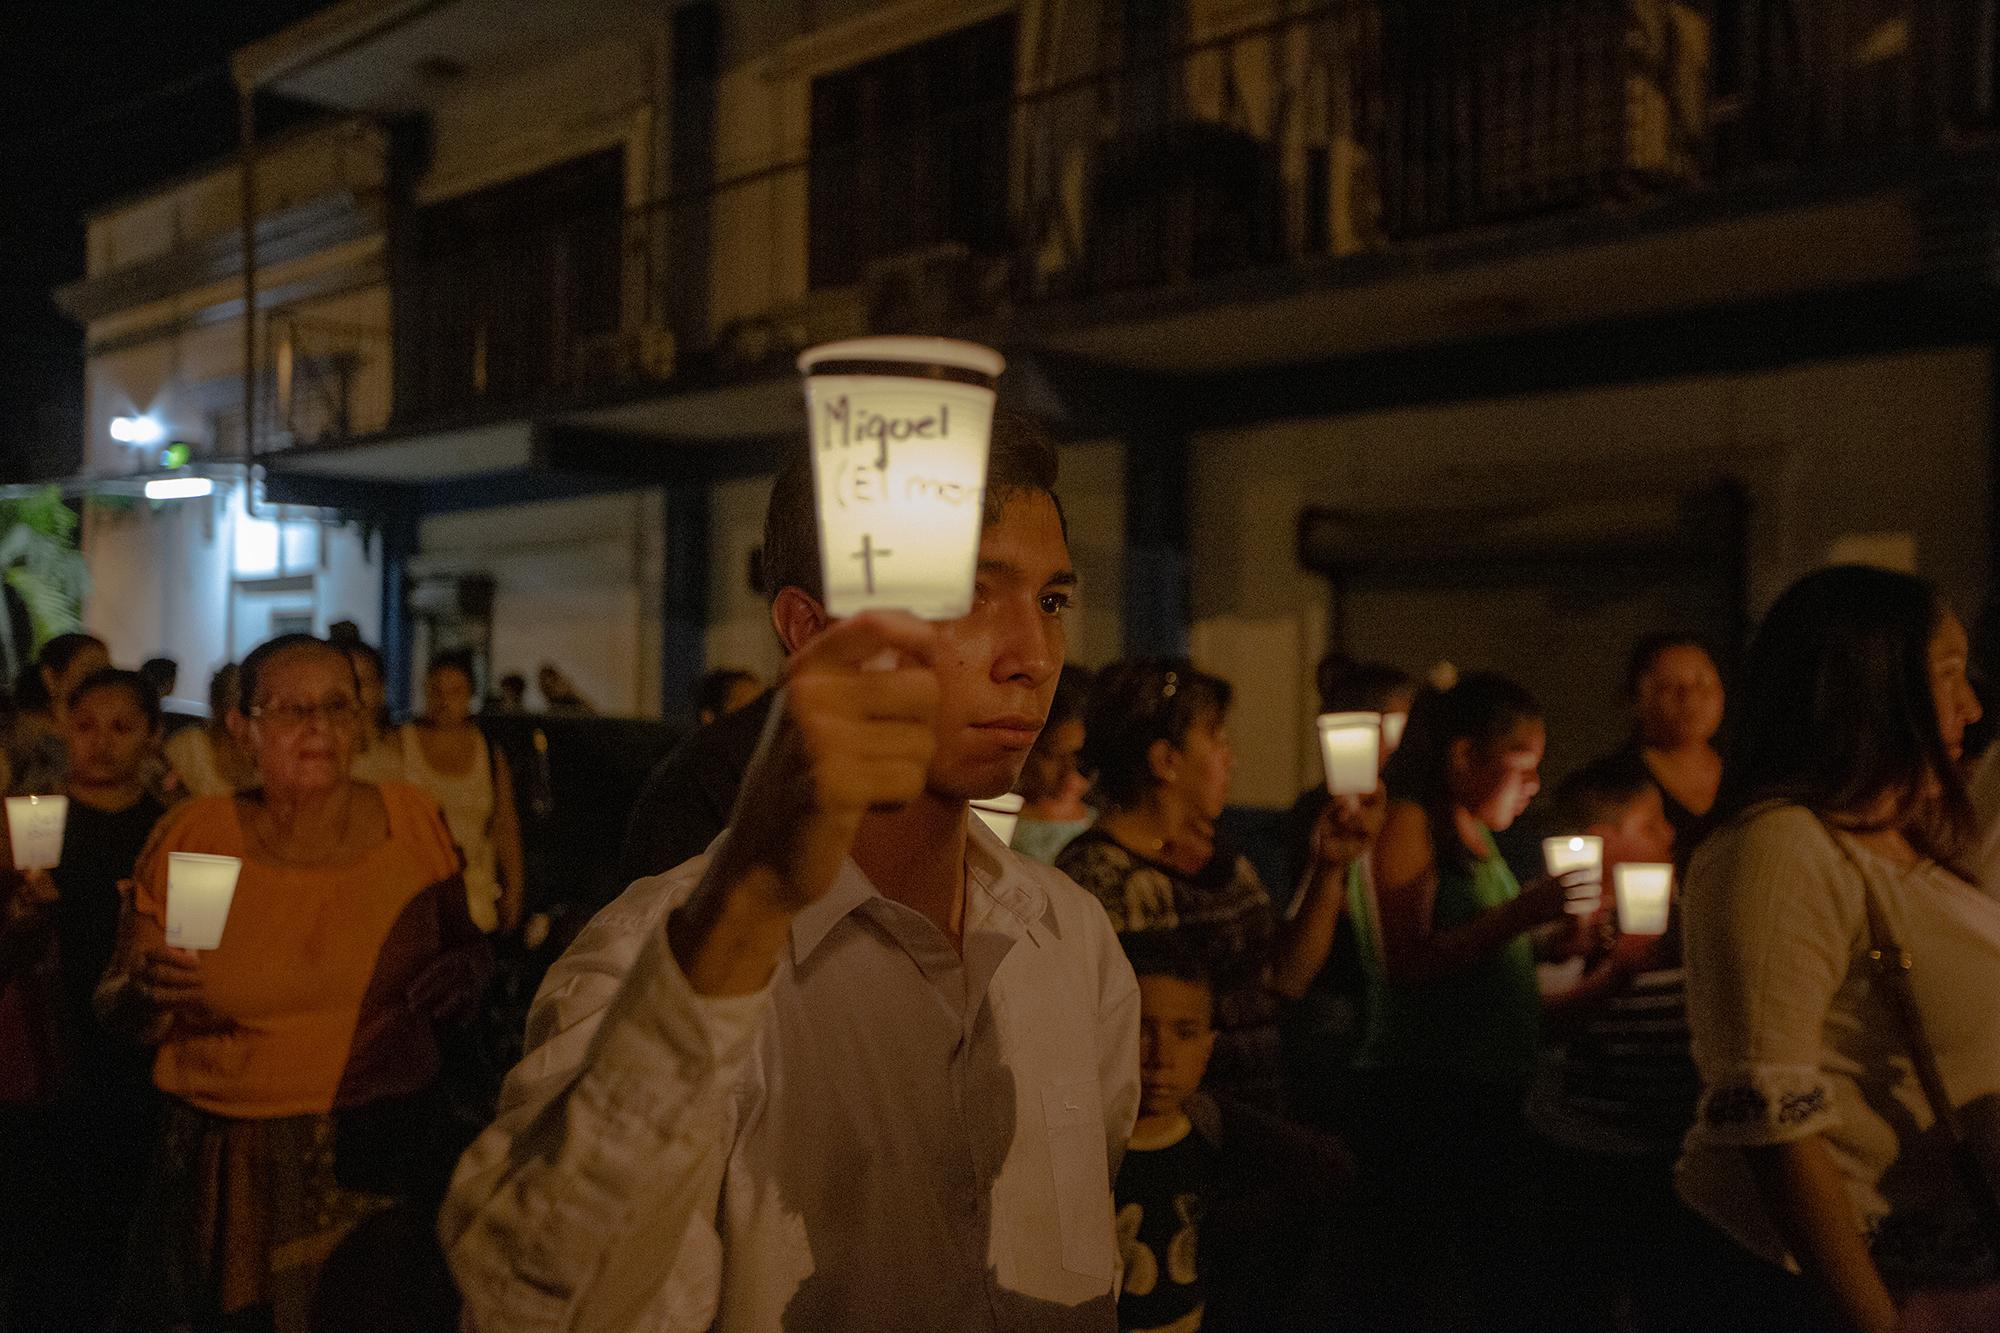 200 velas fueron prendidas durante la procesión del silencio. Cada una de las velas tenía el nombre de uno de los 80 presos políticos y de los 36 asesinados por la policía y paramilitares en Masaya. La procesión circulo por las calles que meses atrás estaban bloqueadas por los tranques montados por la resistencia.